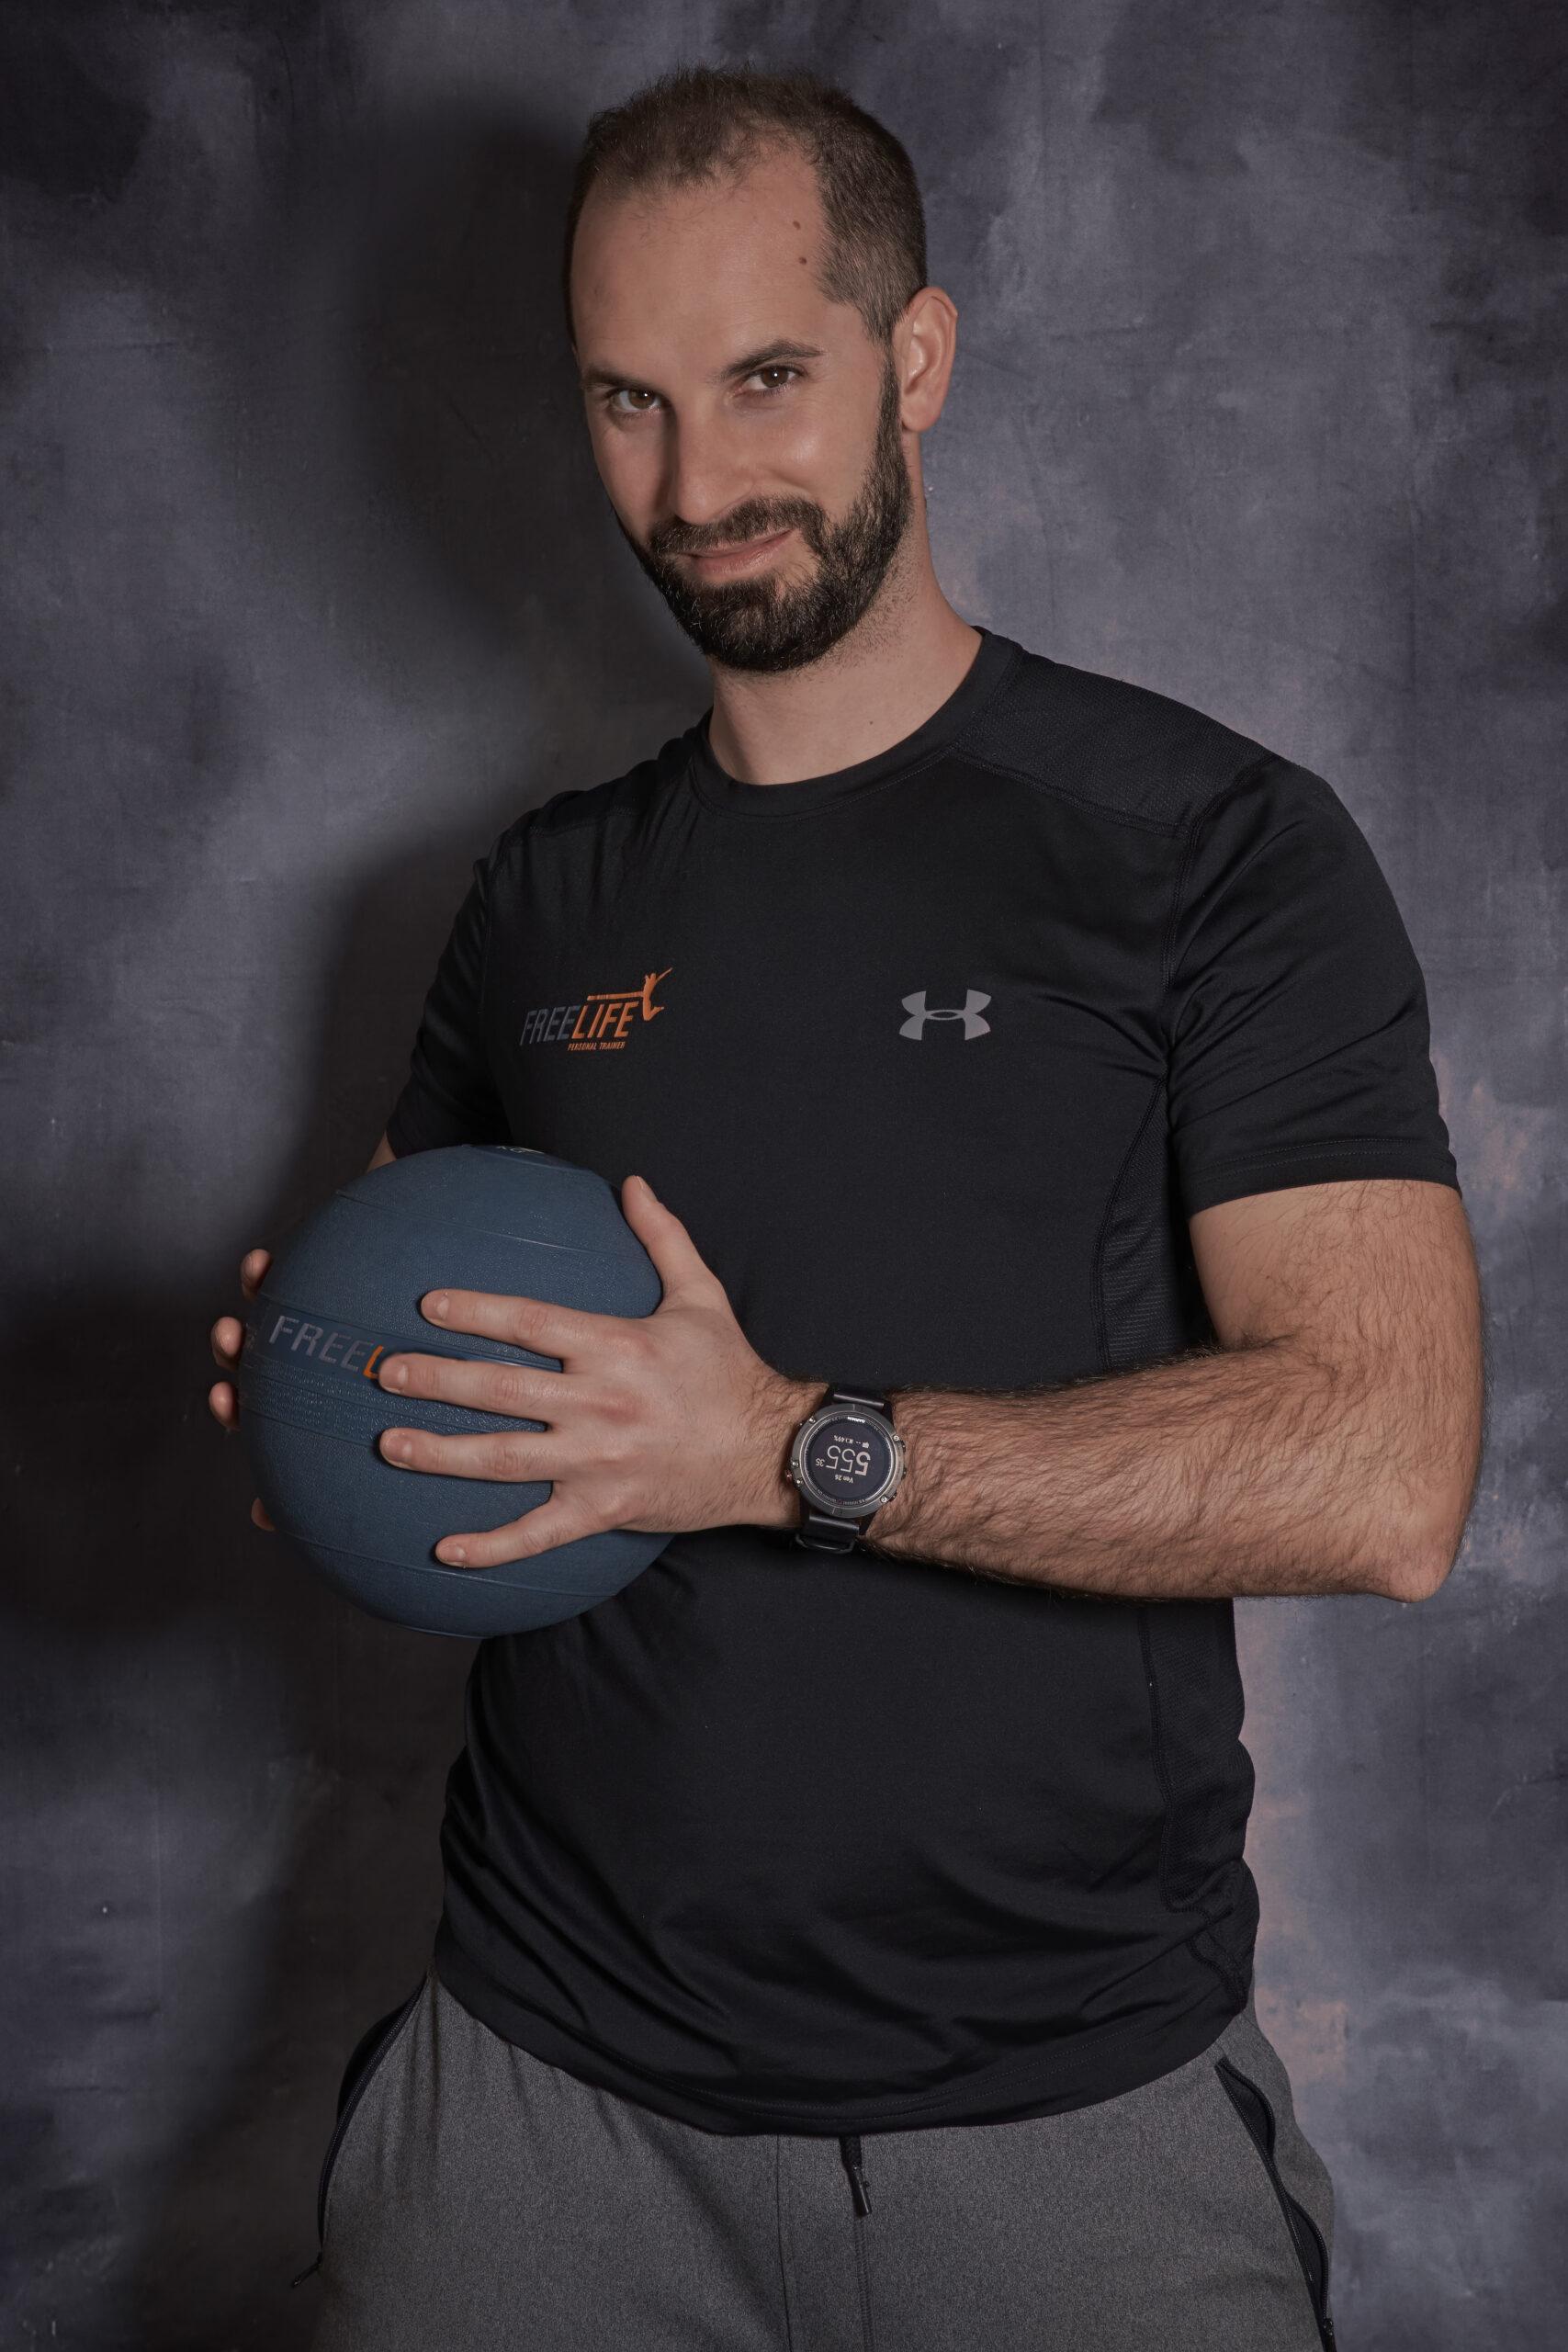 Filippo Galli Freelife Personal Trainer